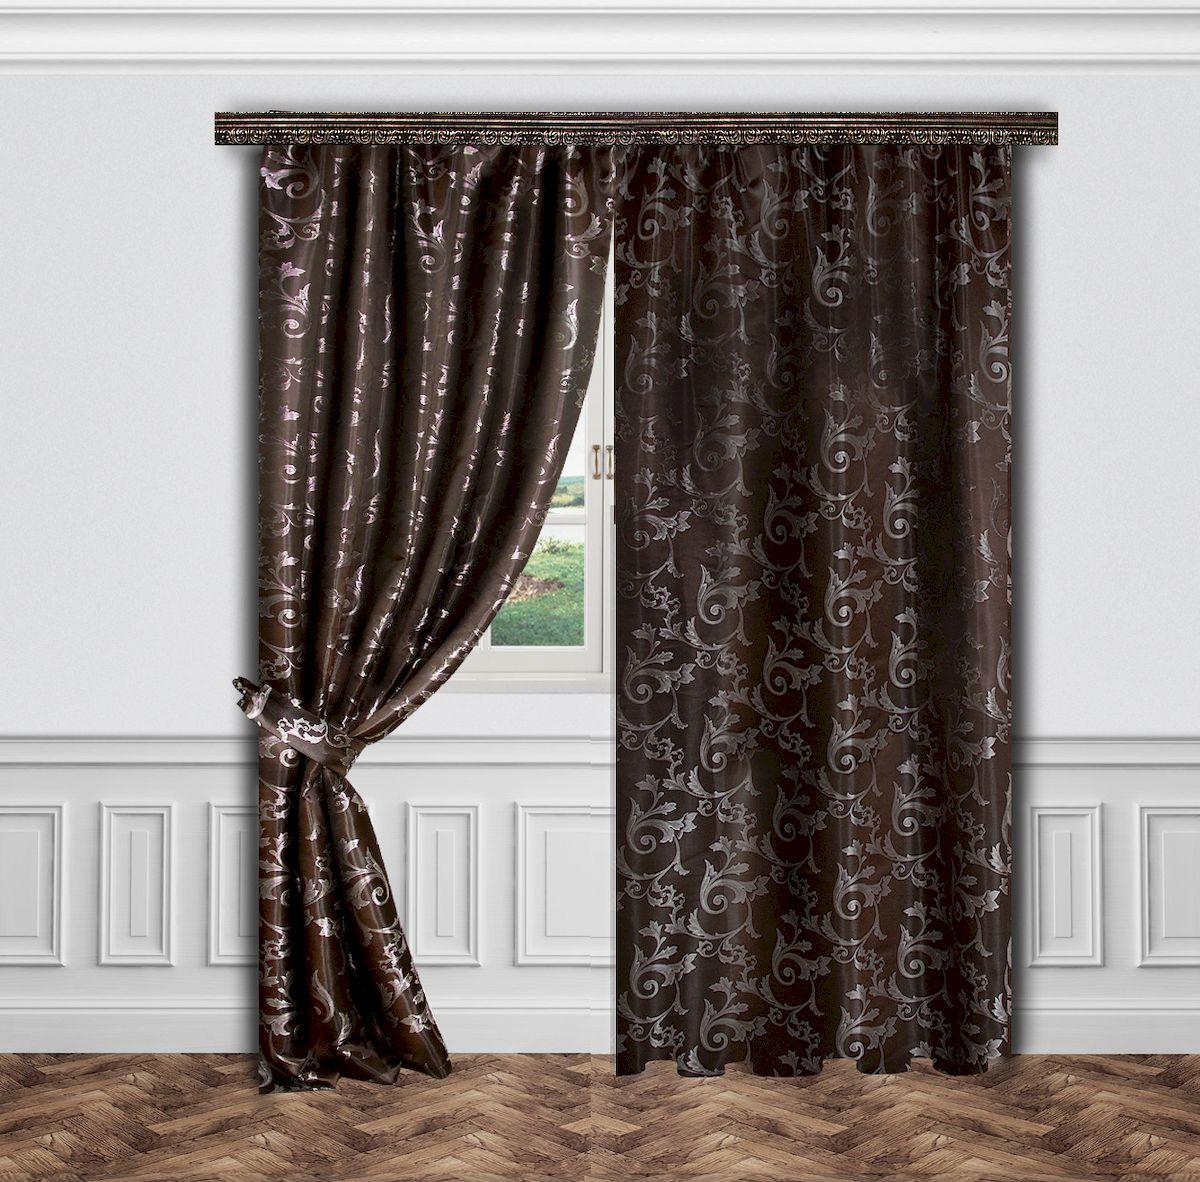 Комплект штор Zlata Korunka, на ленте, цвет: коричневый, высота 260 см. 5563855638Роскошный комплект штор Zlata Korunka, выполненный из полиэстера, великолепно украсит любое окно. Комплект состоит двух штор и двух подхватов. Изящный узор и приятная цветовая гамма привлекут к себе внимание и органично впишутся в интерьер помещения. Этот комплект будет долгое время радовать вас и вашу семью!Комплект крепится на карниз при помощи ленты, которая поможет красиво и равномерно задрапировать верх.В комплект входит: Штора: 2 шт. Размер (Ш х В): 145 см х 260 см.Подхват: 2 шт.